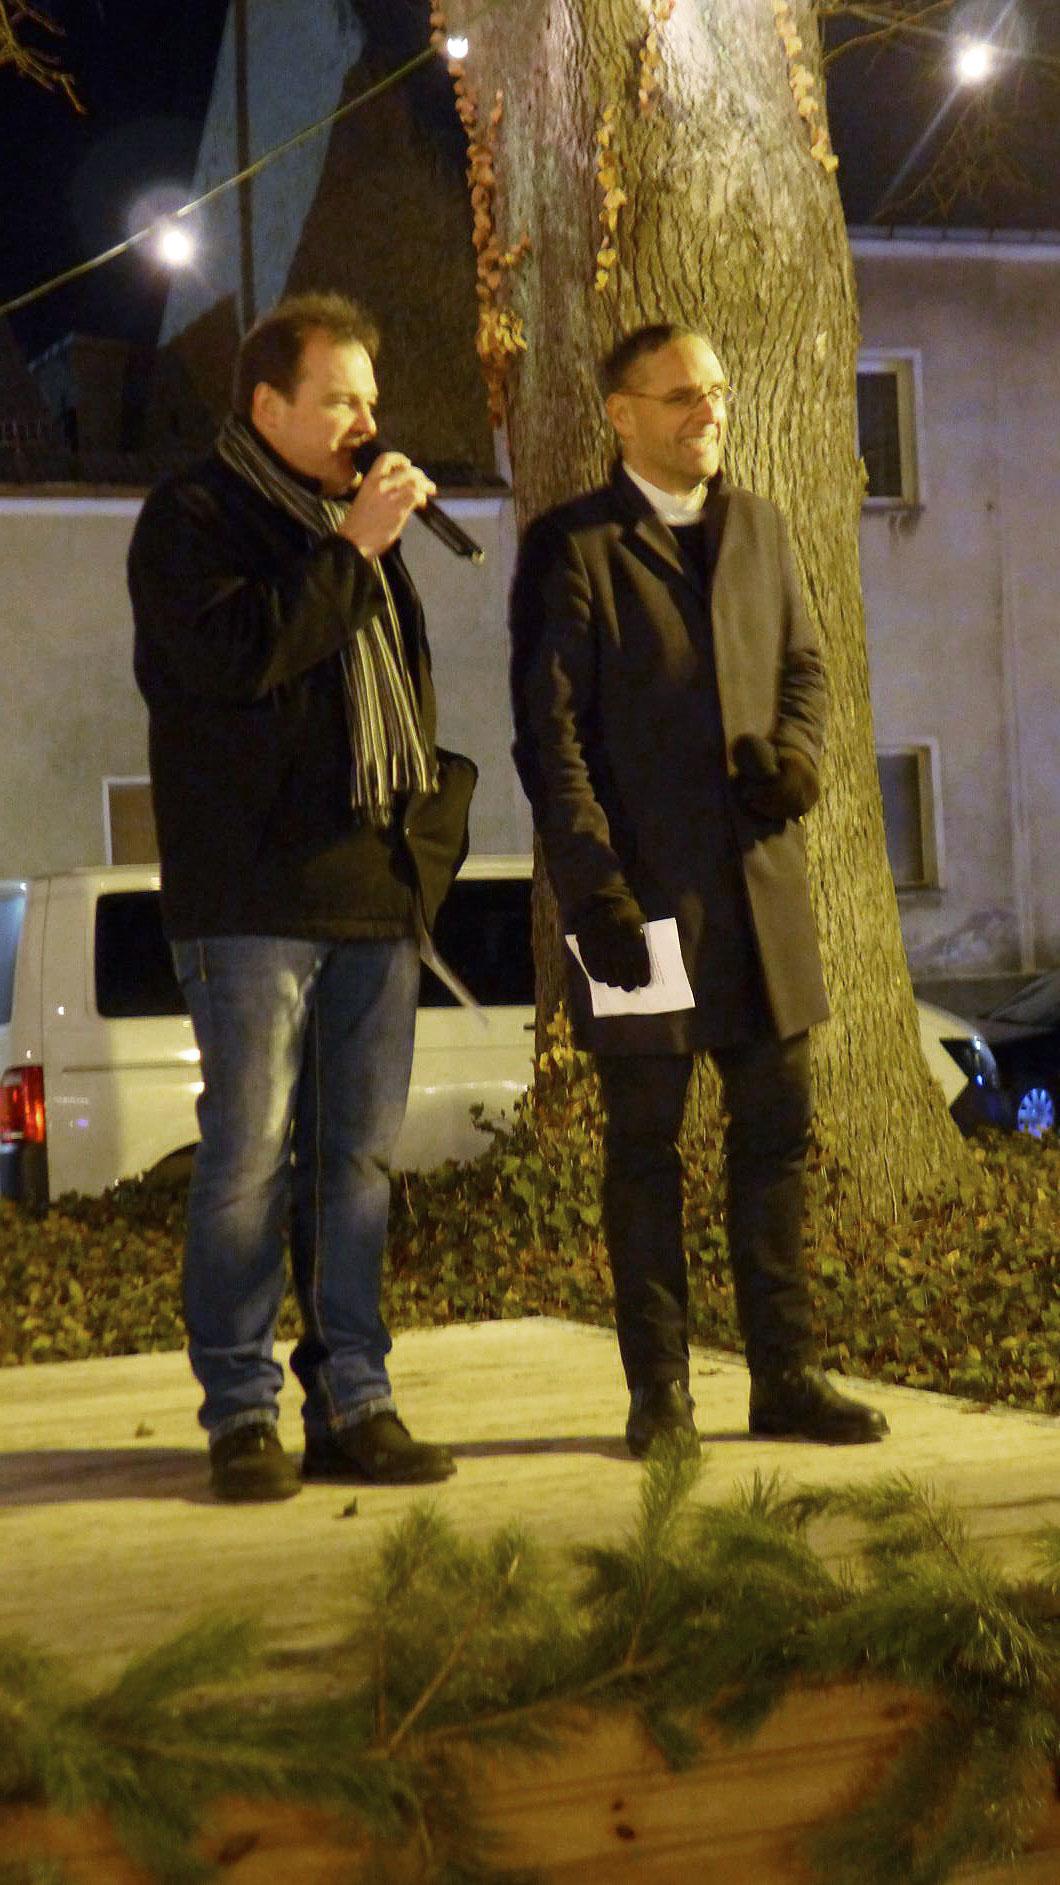 Vizebürgermeister und Pfarrer beim gemeinsamen Gesang - Weihnachtskonzert in der Lambertuskirche 2018